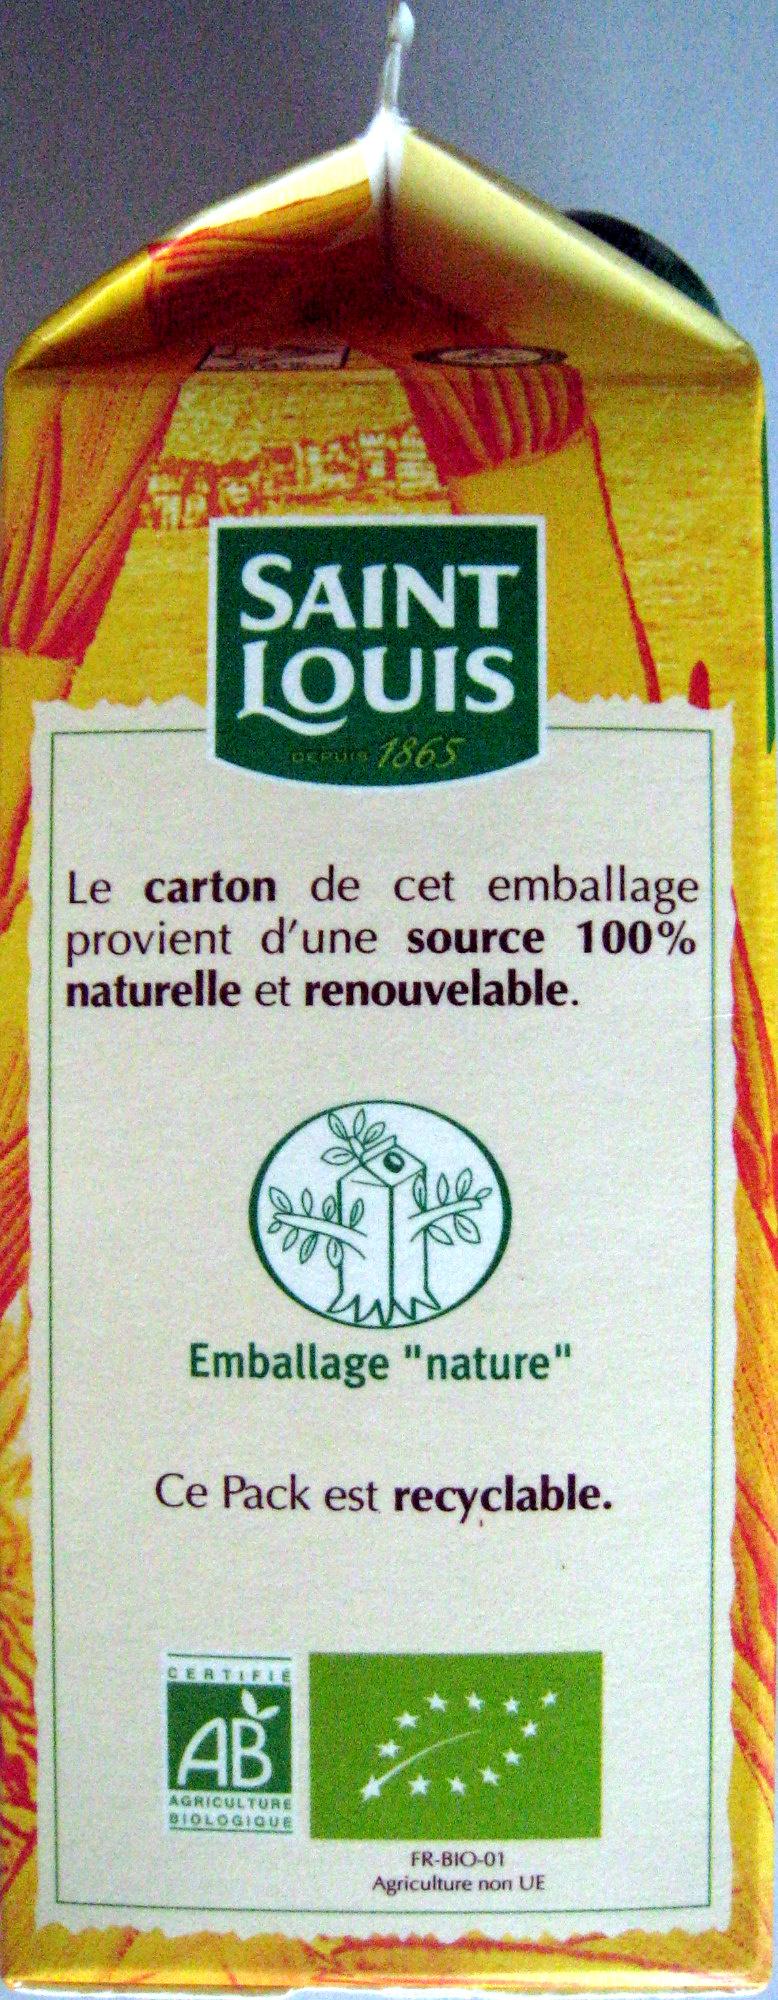 Sucre en poudre Bio Pure Canne Saint Louis - Informations nutritionnelles - fr